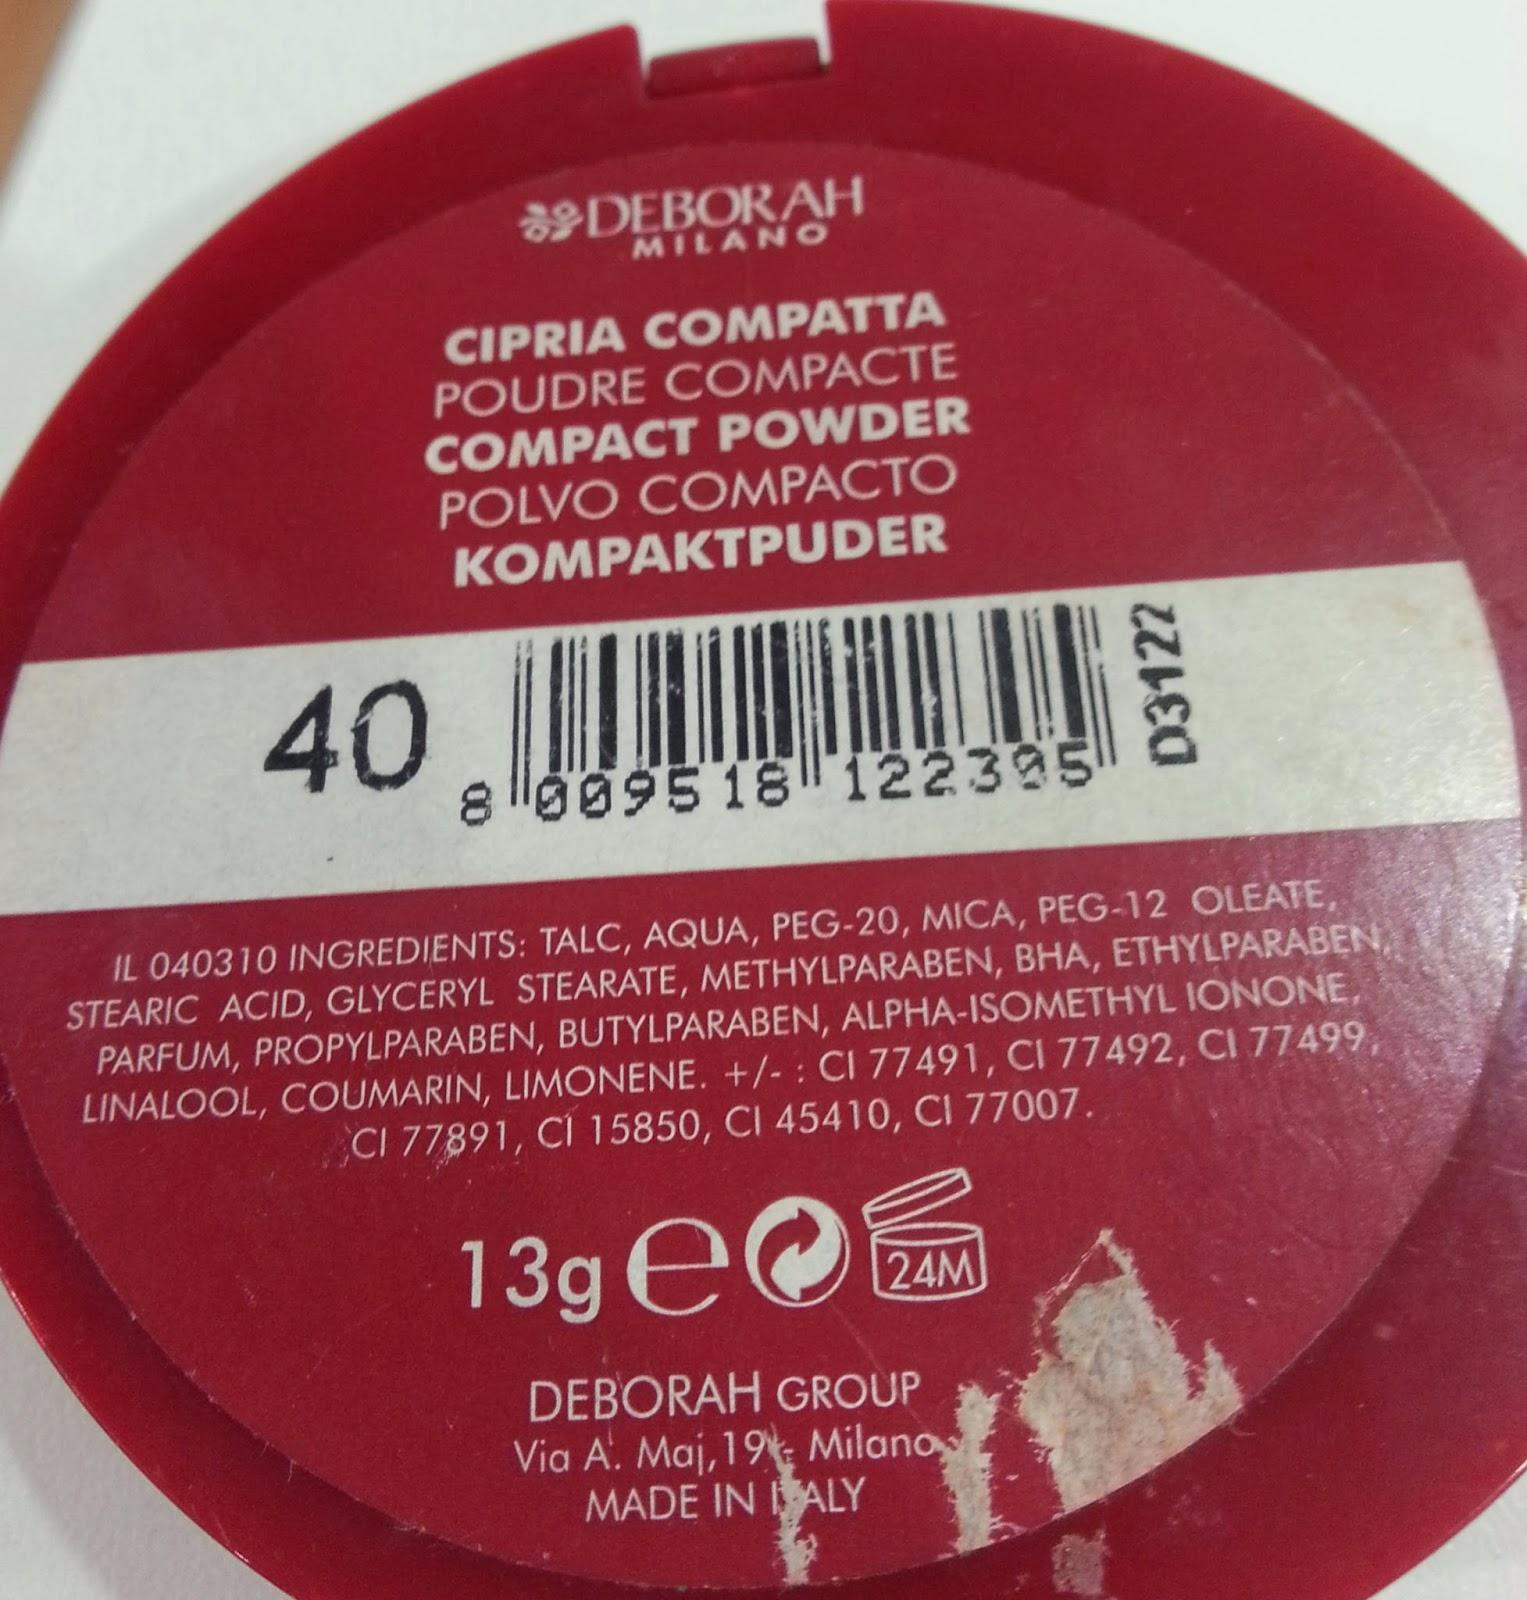 Deborah La Cipria - Compact Powder 40